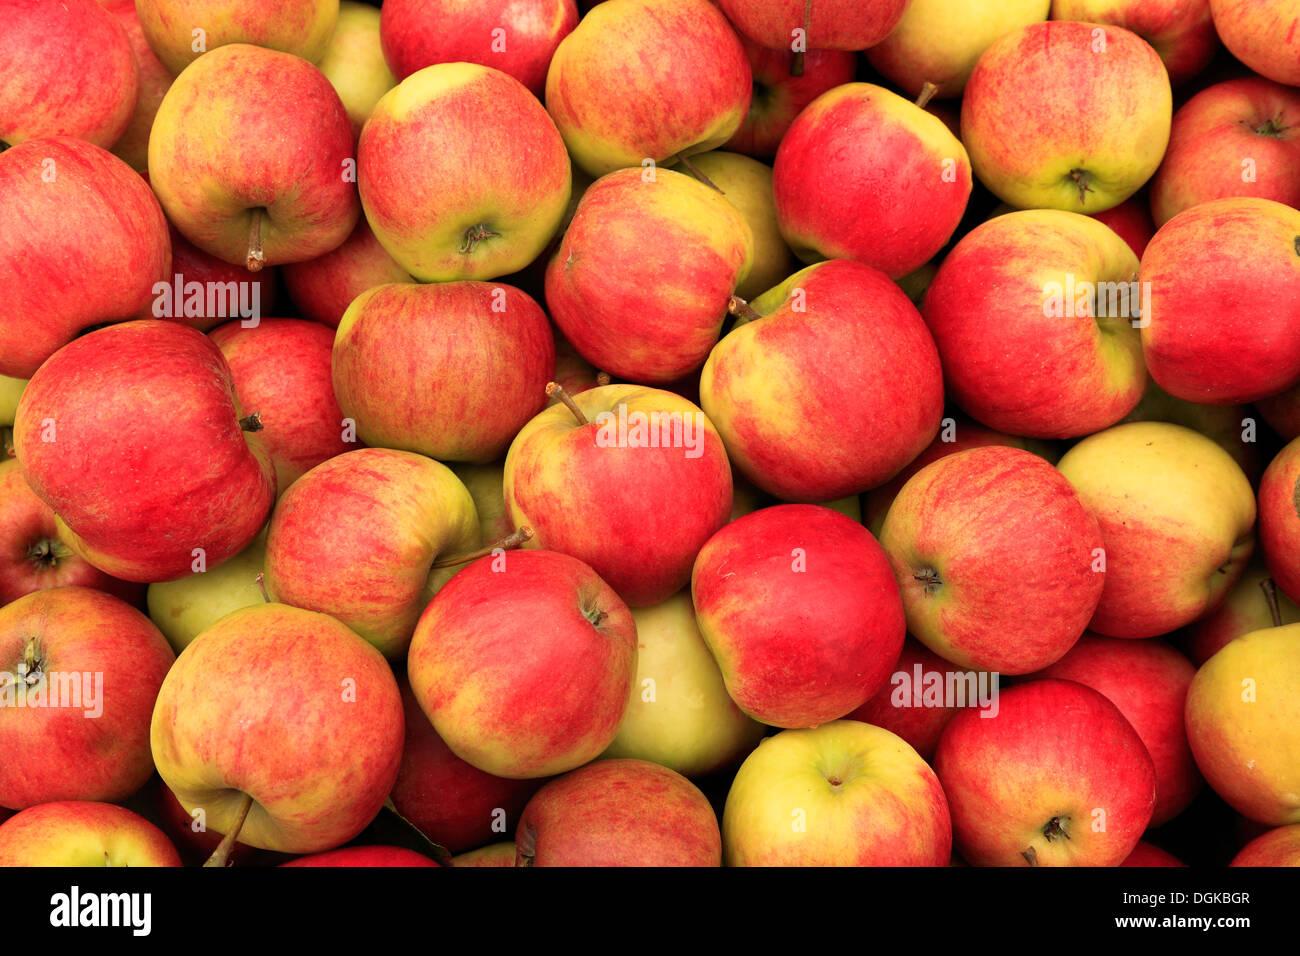 La pomme 'Elstar' dans la boutique de la ferme, l'affichage choisi bac pommes récoltées Photo Stock